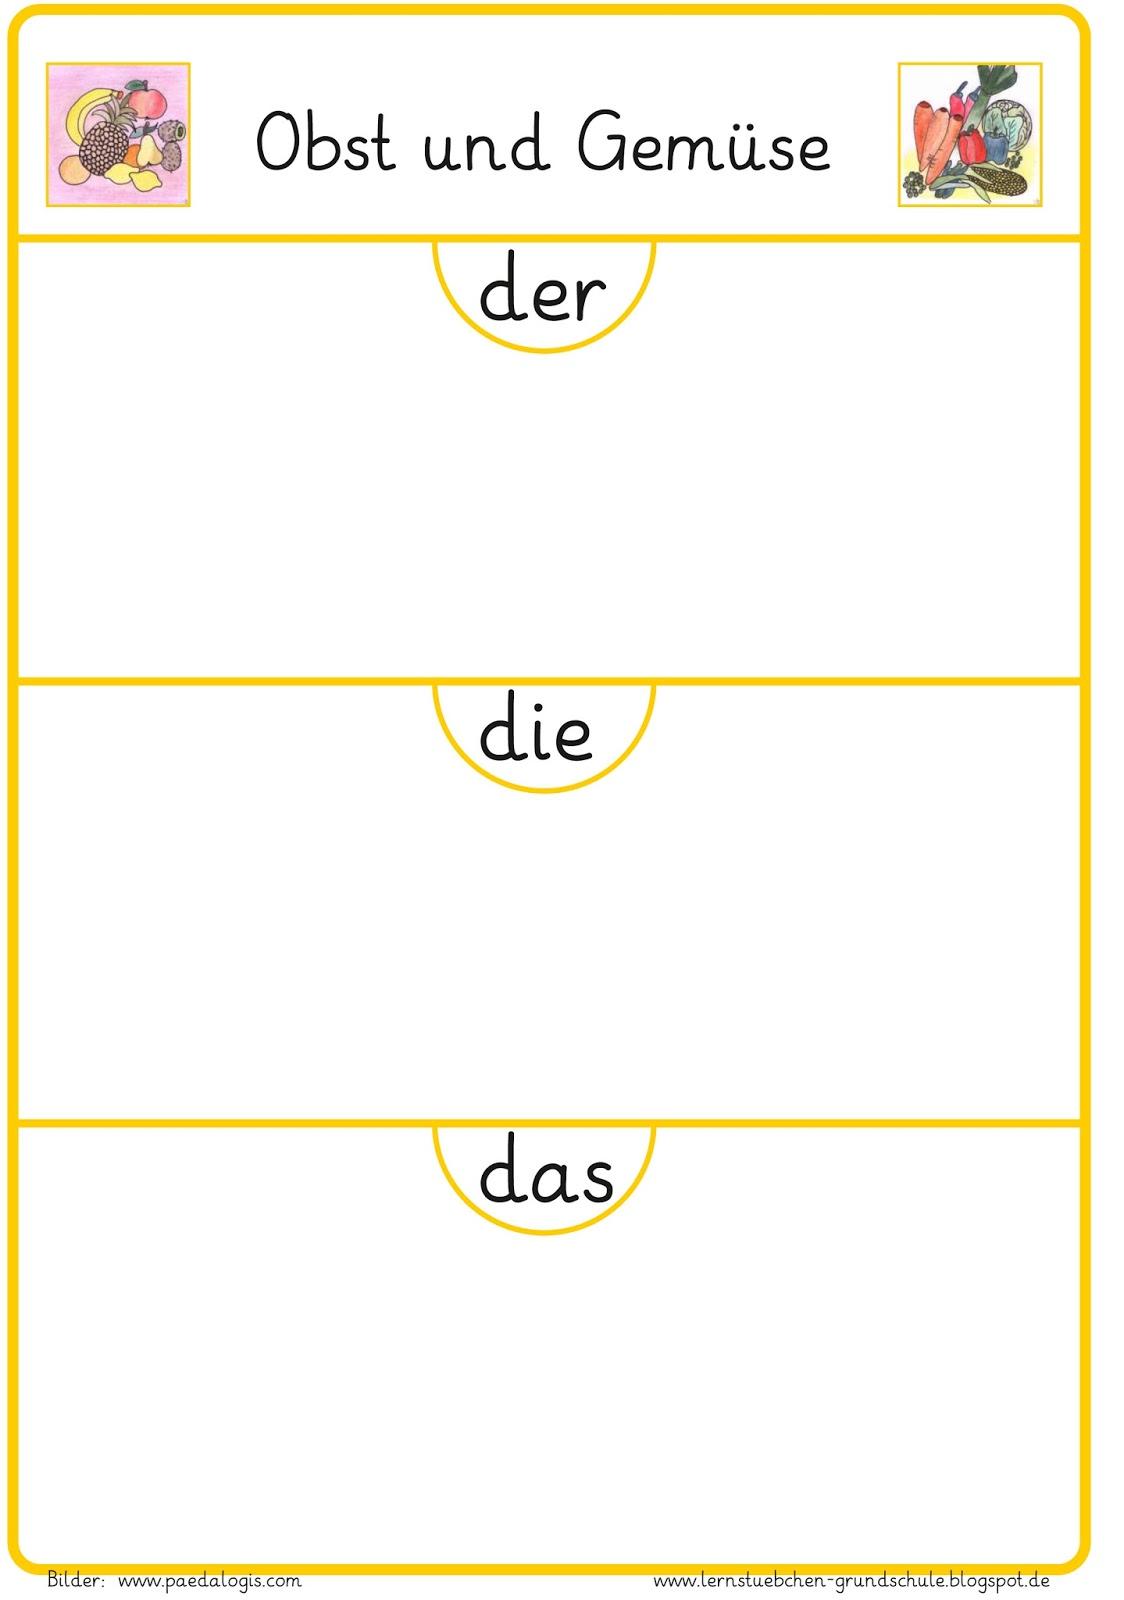 Arbeitsblatt Kunst Klasse 1 : Lernstübchen obst oder gemüse